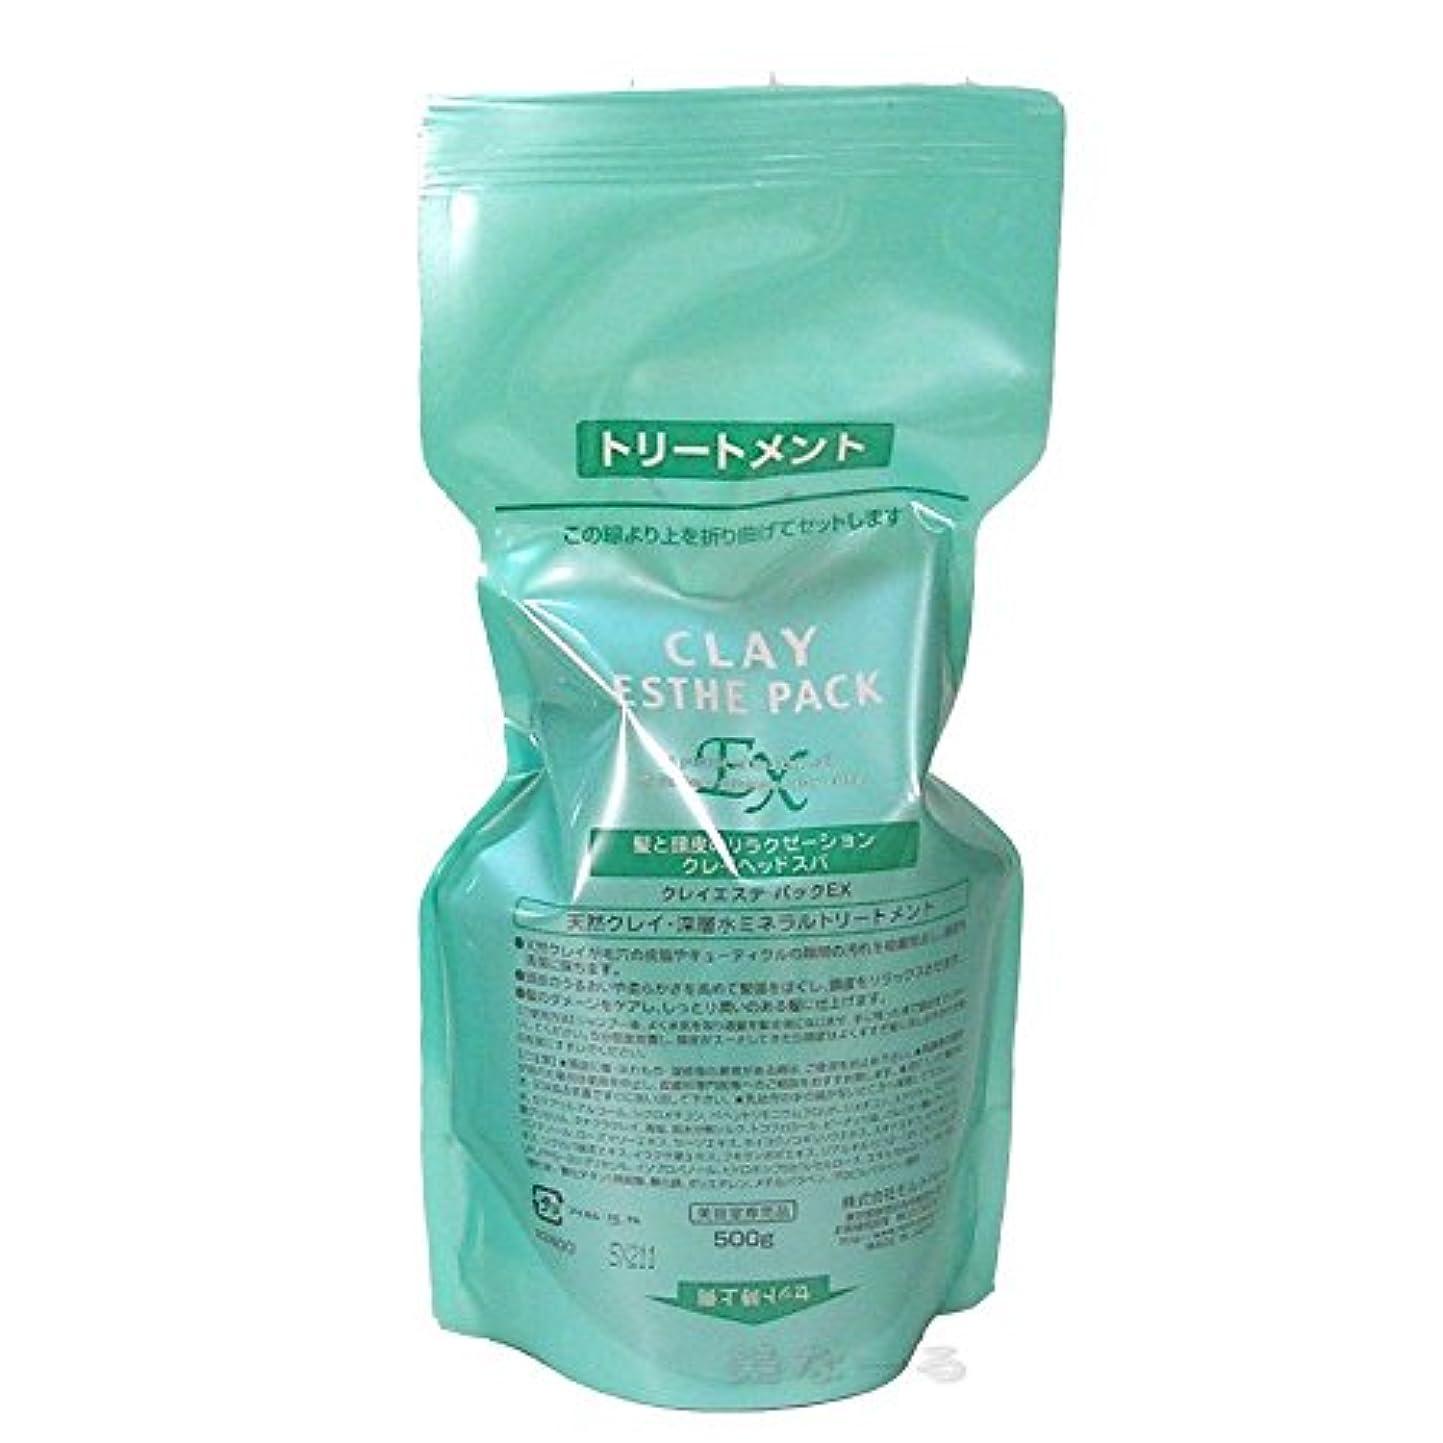 乳剤許される海里クレイエステパックEX レフィル 500g